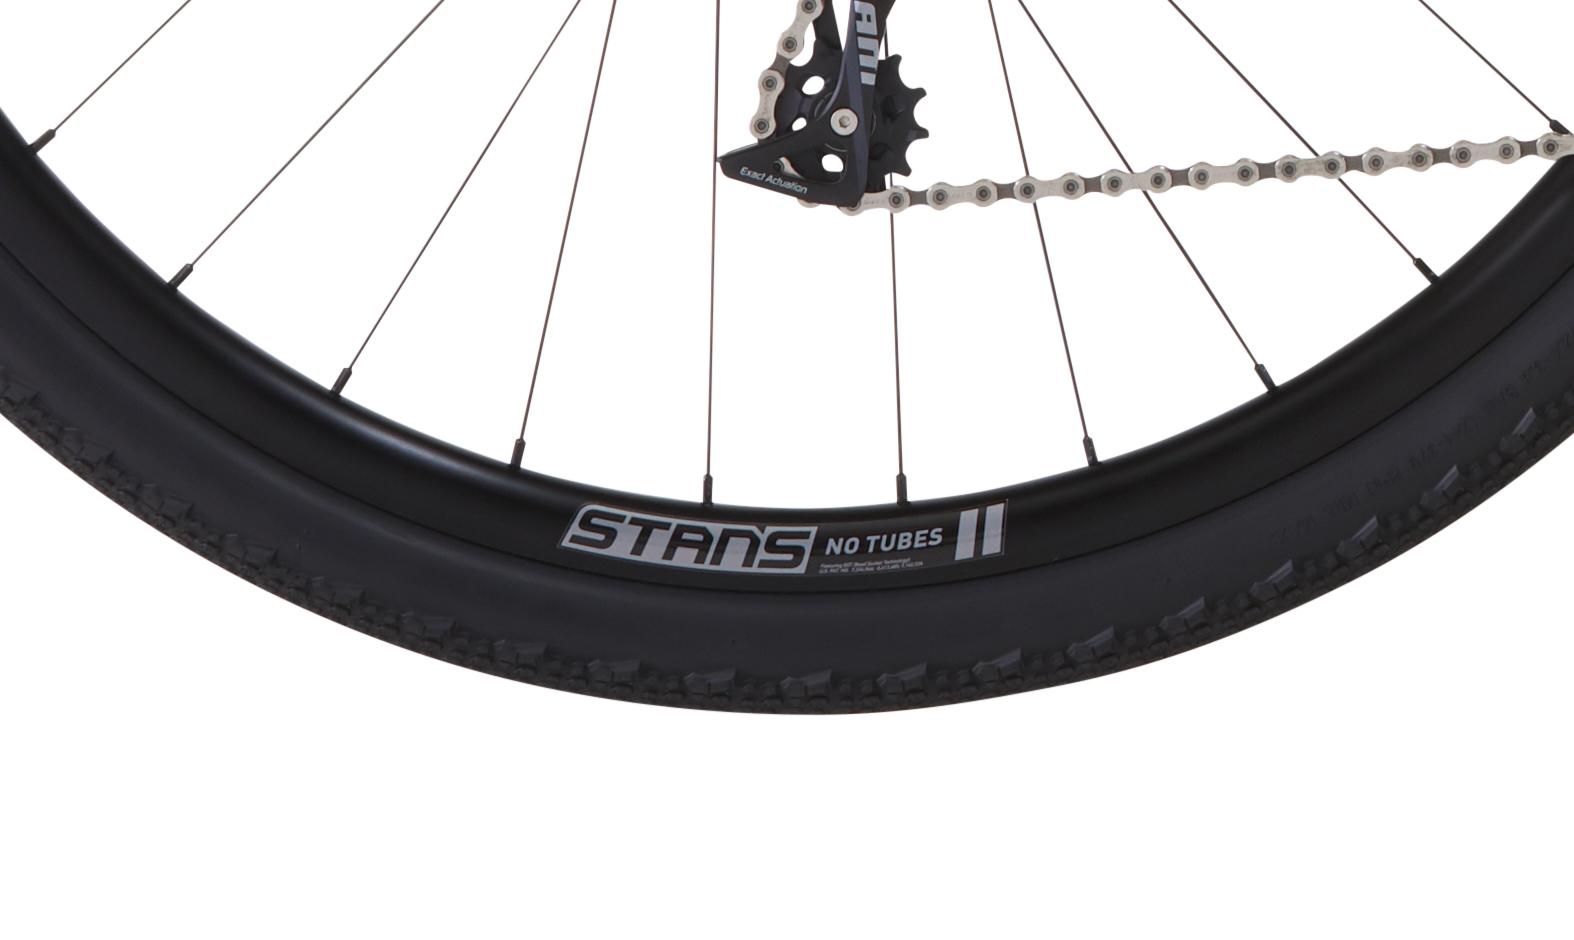 GX5 Stans wheel detail